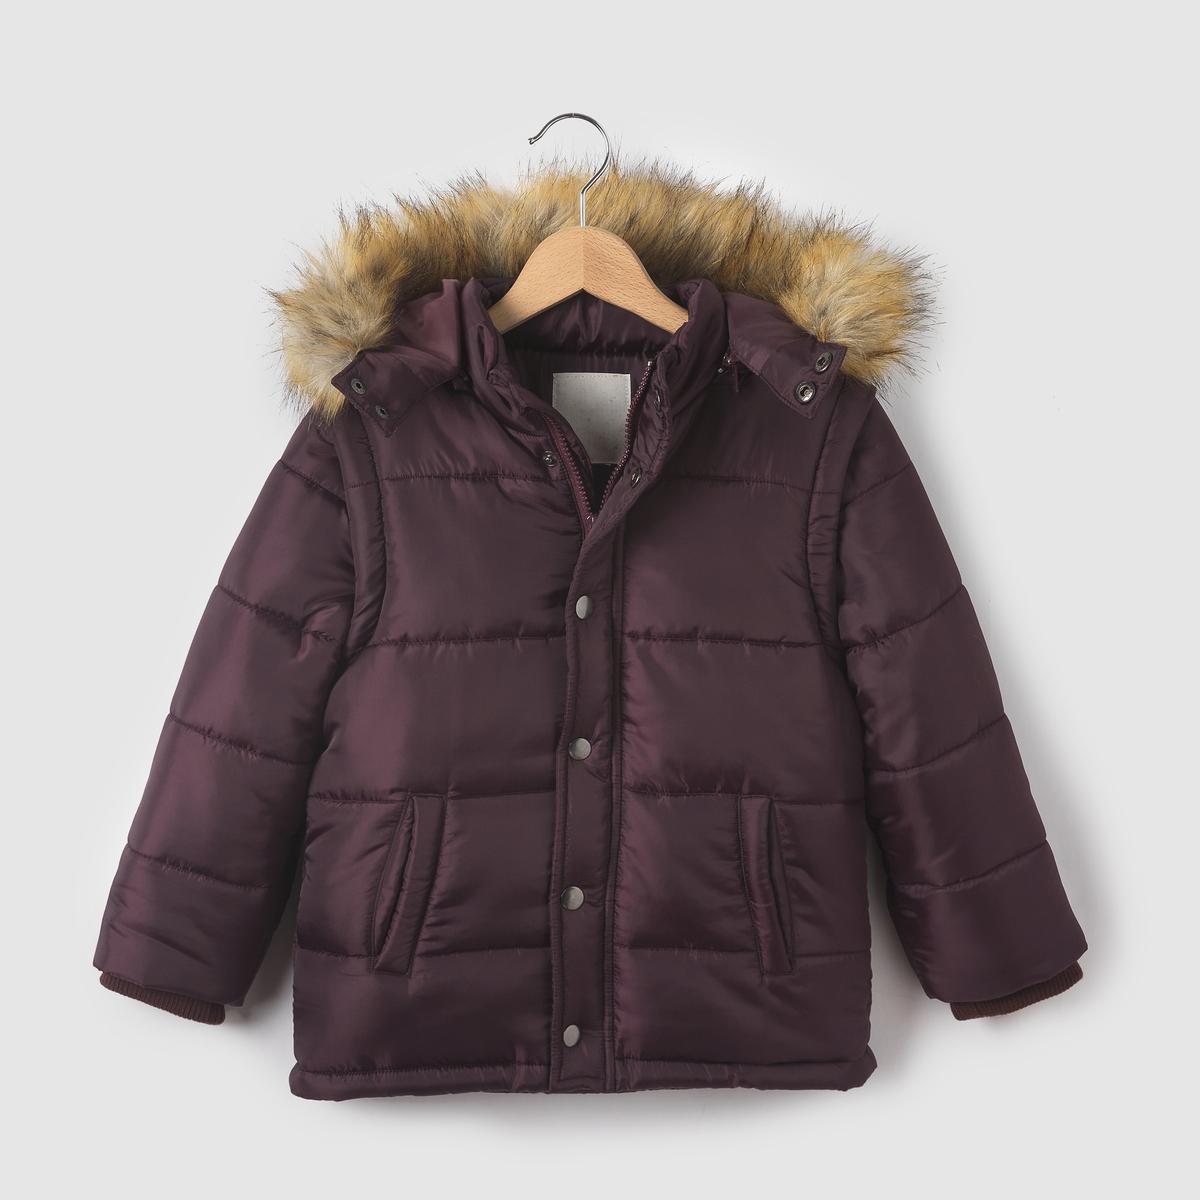 Стеганая куртка со съемными рукавами и  капюшоном 3-12 летСостав и описание : Материал: 100% полиэстера.. Искусственный мех,100% полиэстера      Подкладка    основная часть на флисовой подкладке 100% полиэстера, капюшон и рукава на подкладке 100% полиэстераМарка: R essentiel.Уход :Машинная стирка при 30°C, с одеждой подобных цветов.- Стирать и гладить с изнаночной стороны..- Машинная сушка в умеренном режиме.Гладить при умеренной температуре.<br><br>Цвет: бордовый